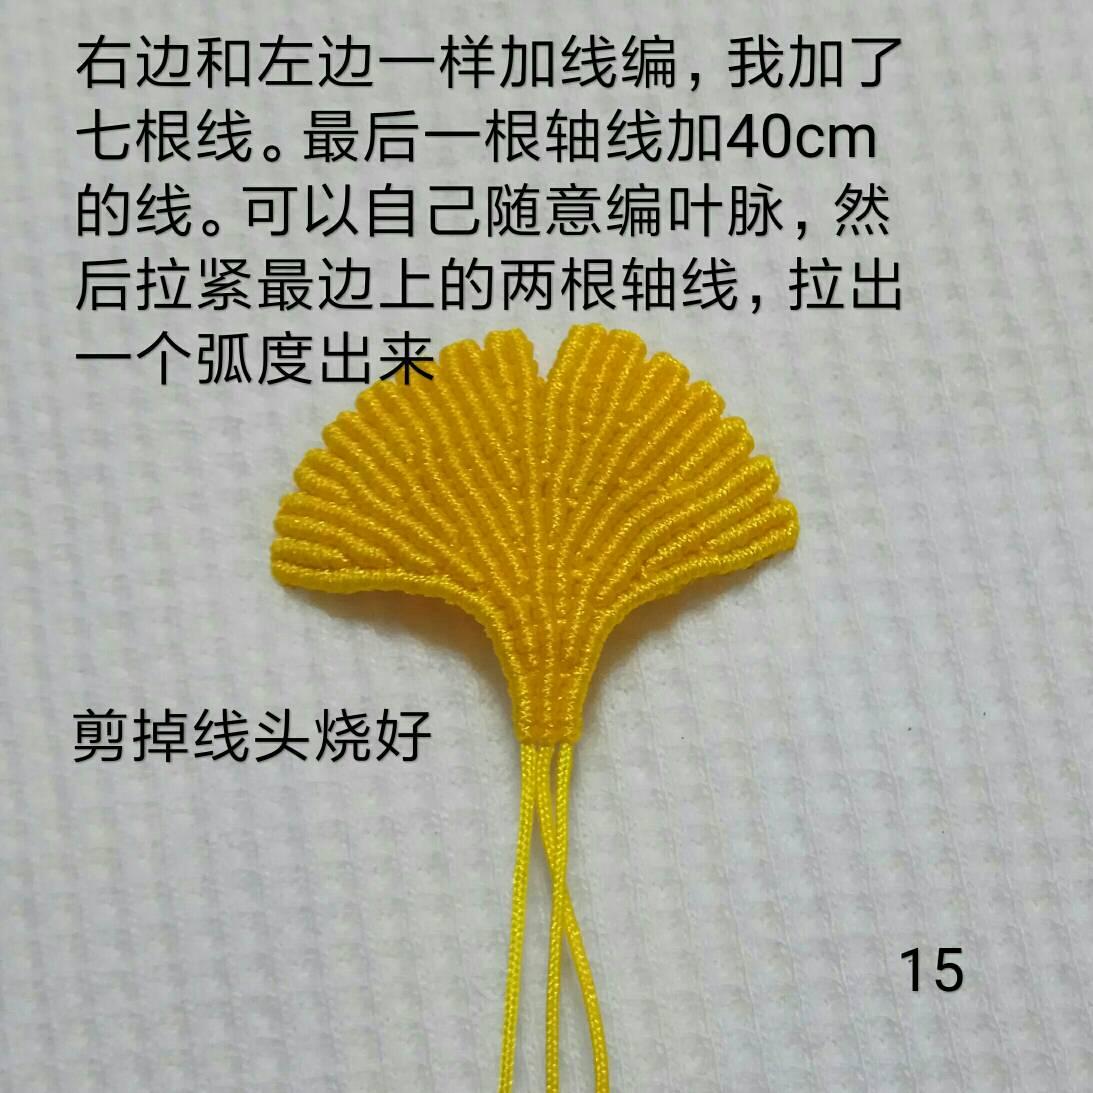 中国结论坛 银杏叶书签  图文教程区 145006g0cdevhhe0czxddd